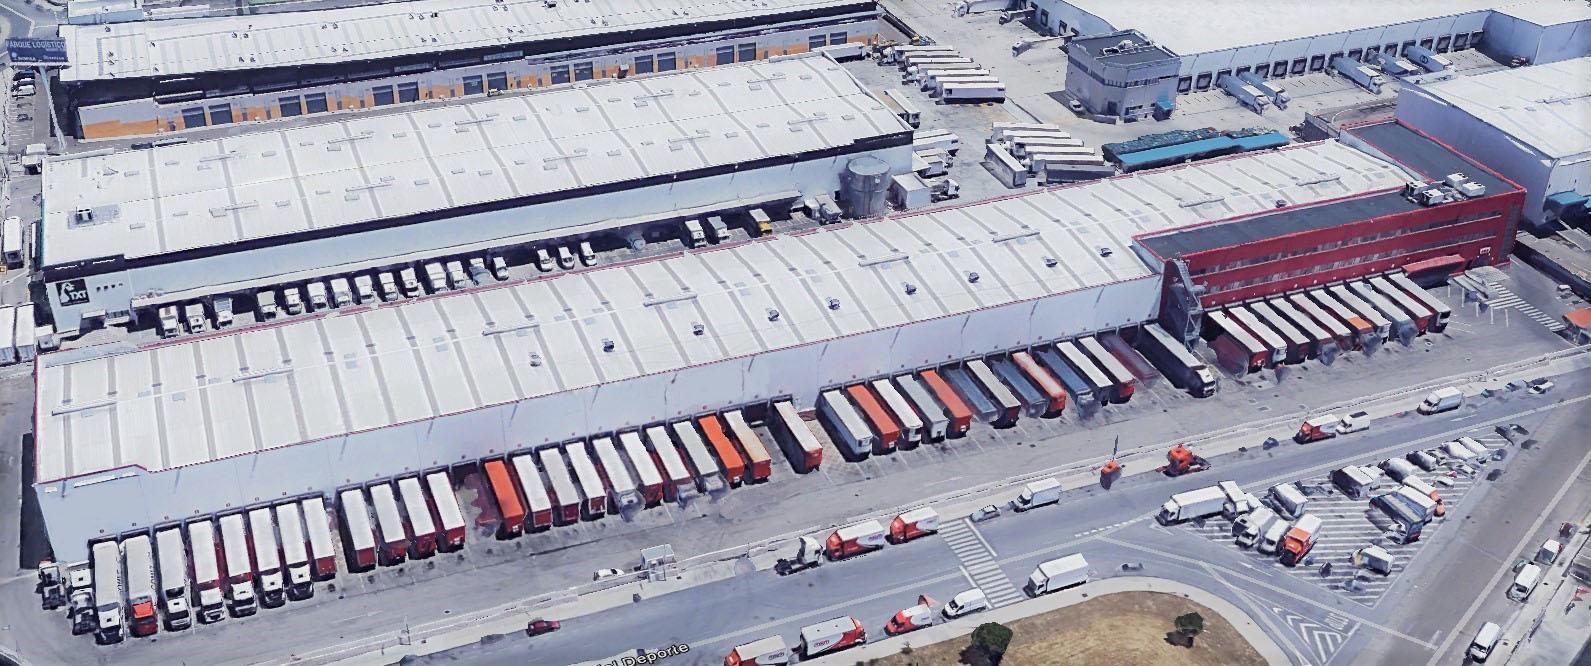 ProEquity asesora en el arrendamiento de una plataforma de Cross-Docking en Getafe